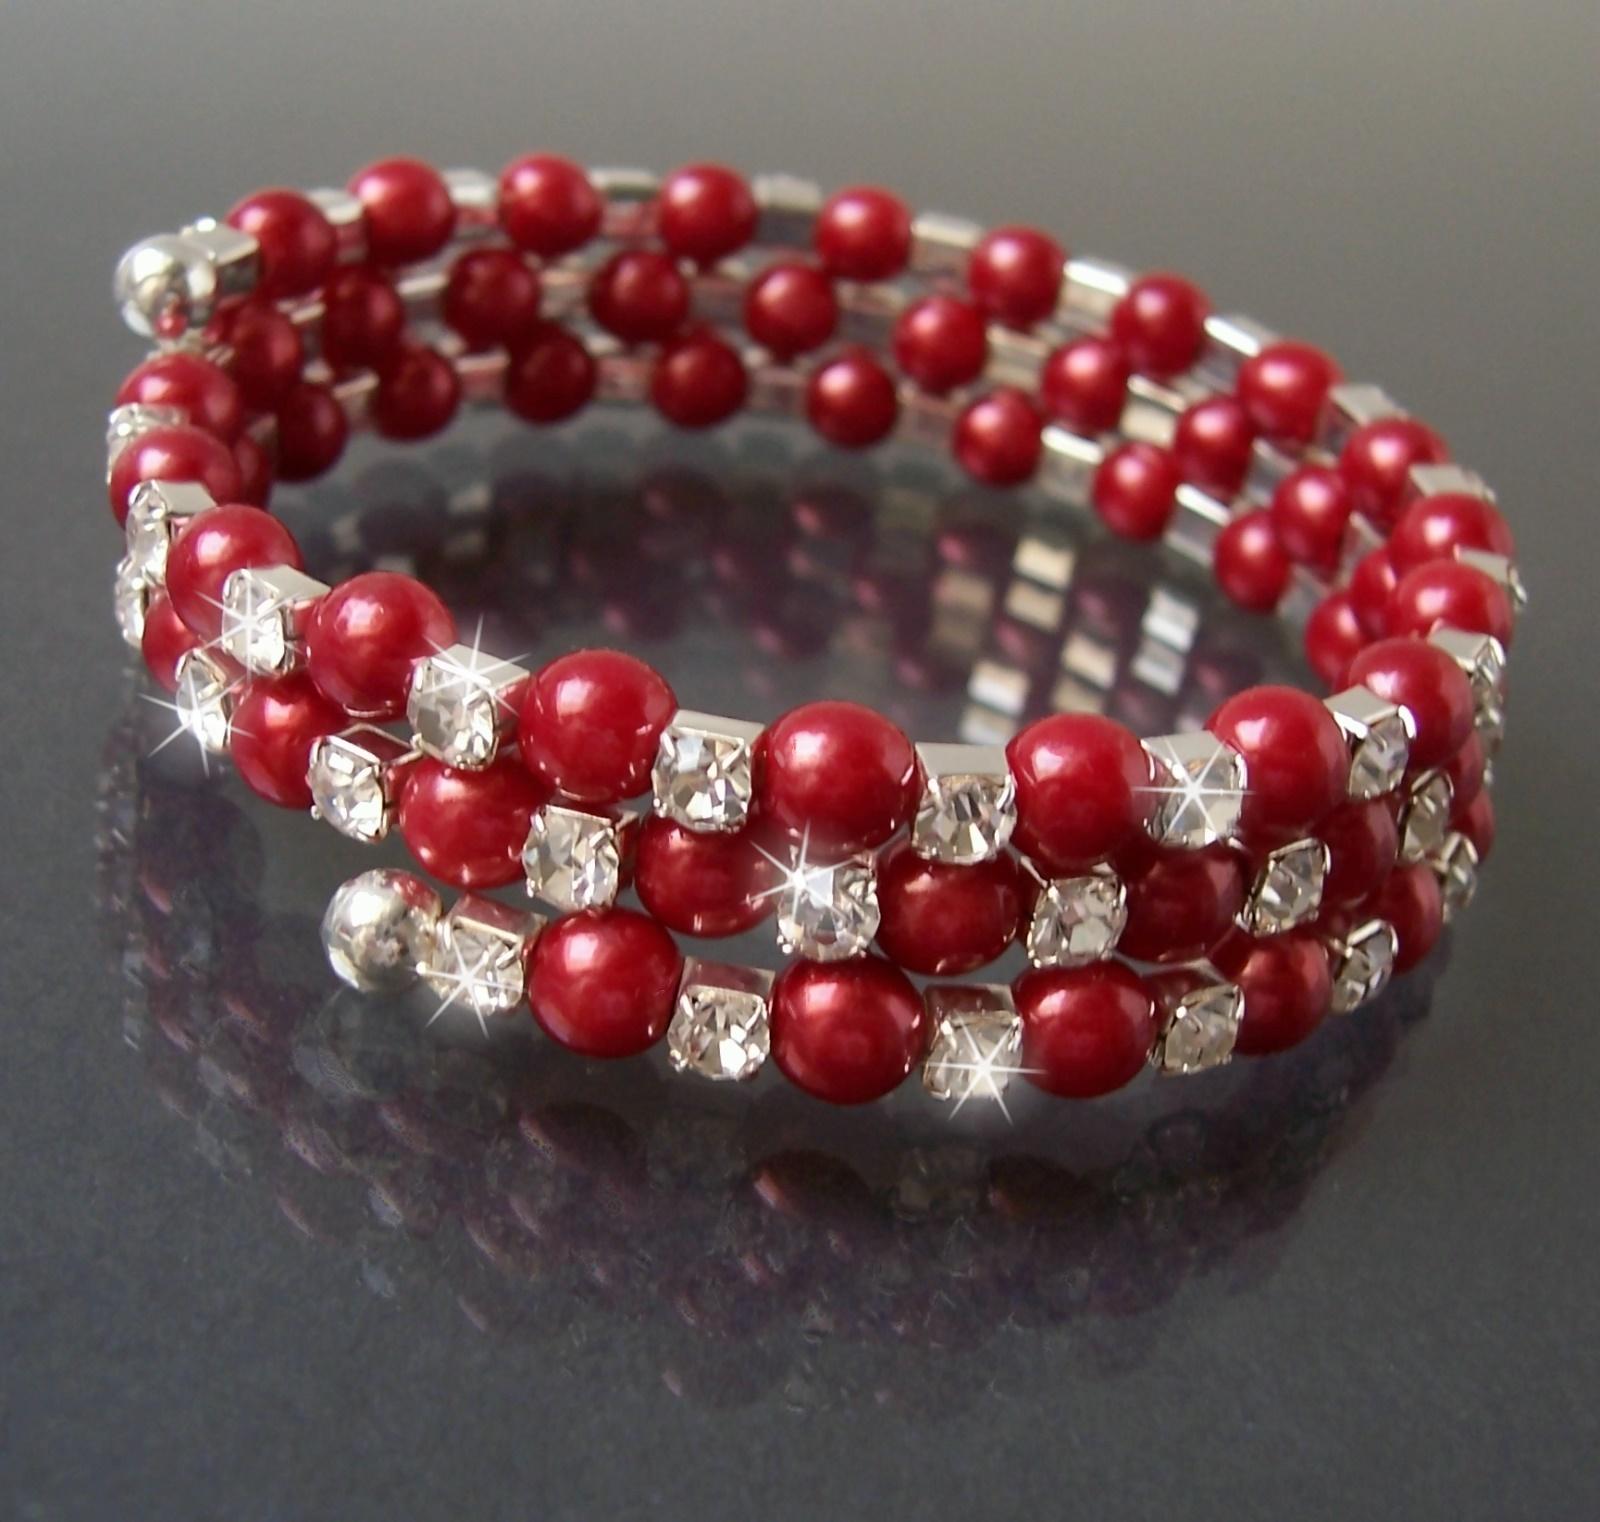 Armreif Silber Perlen Rot Strass klar Armreifen Spiralform A1835